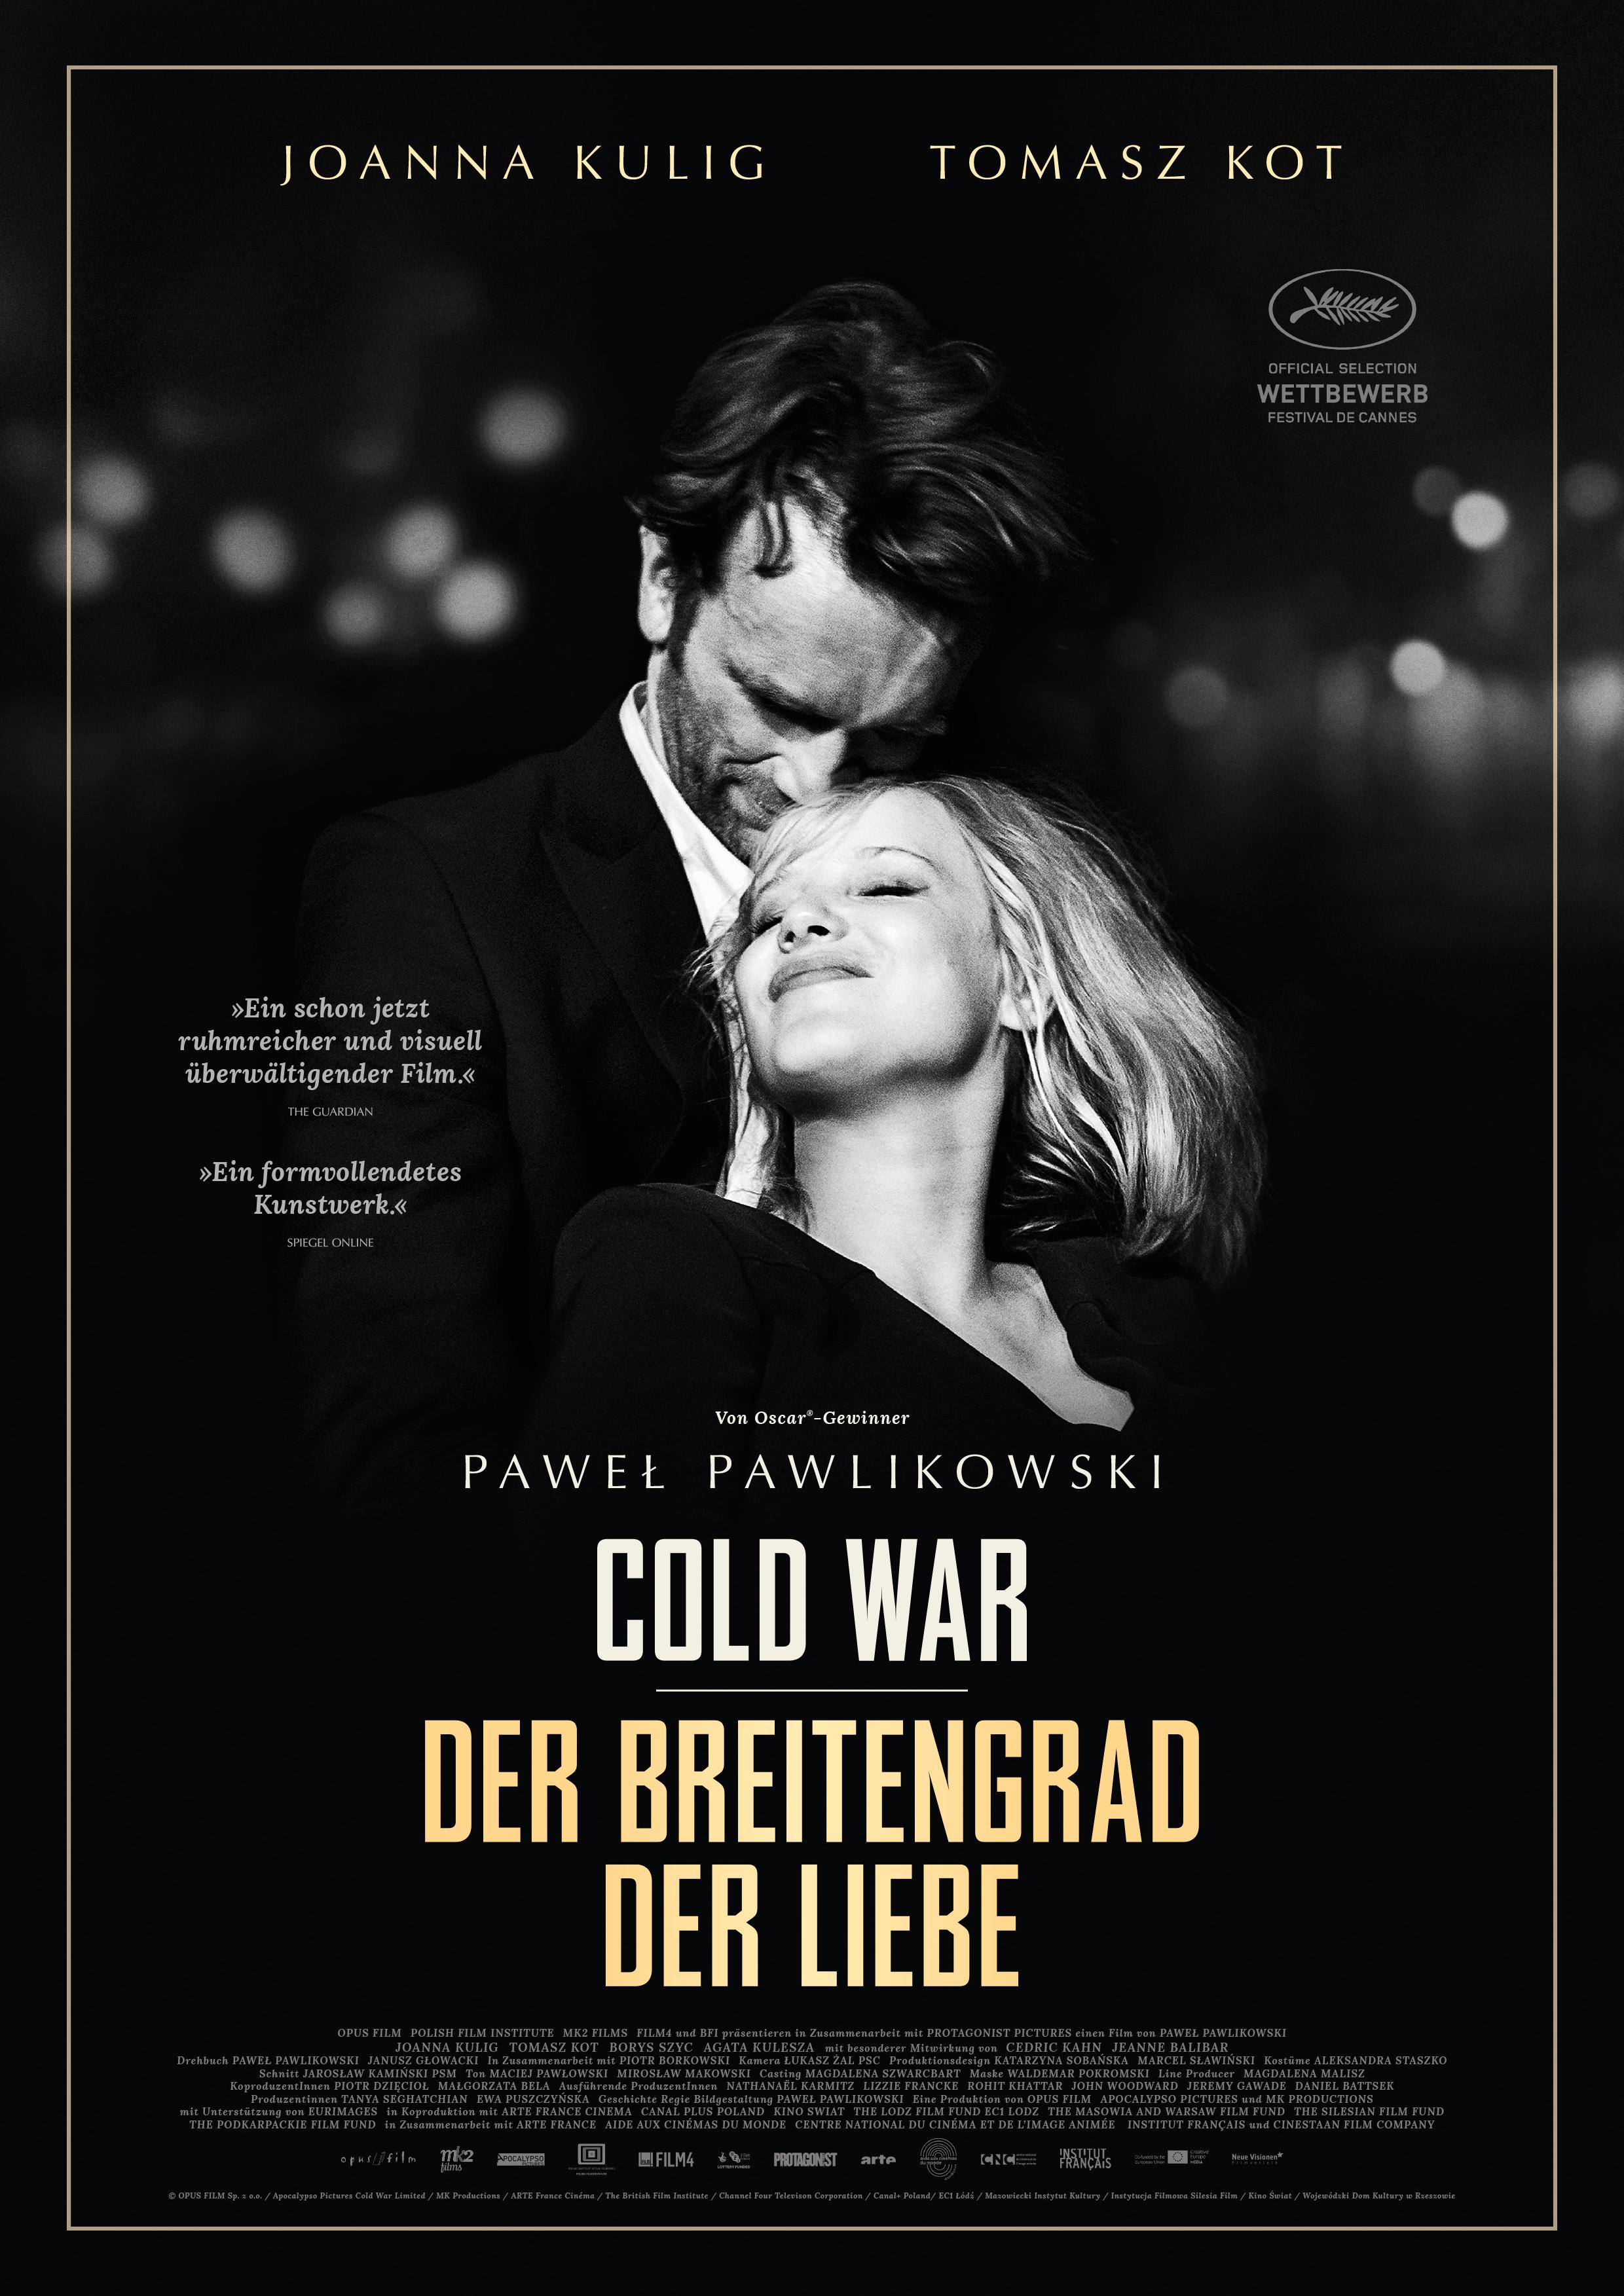 دانلود زیرنویس فارسی فیلم Cold War